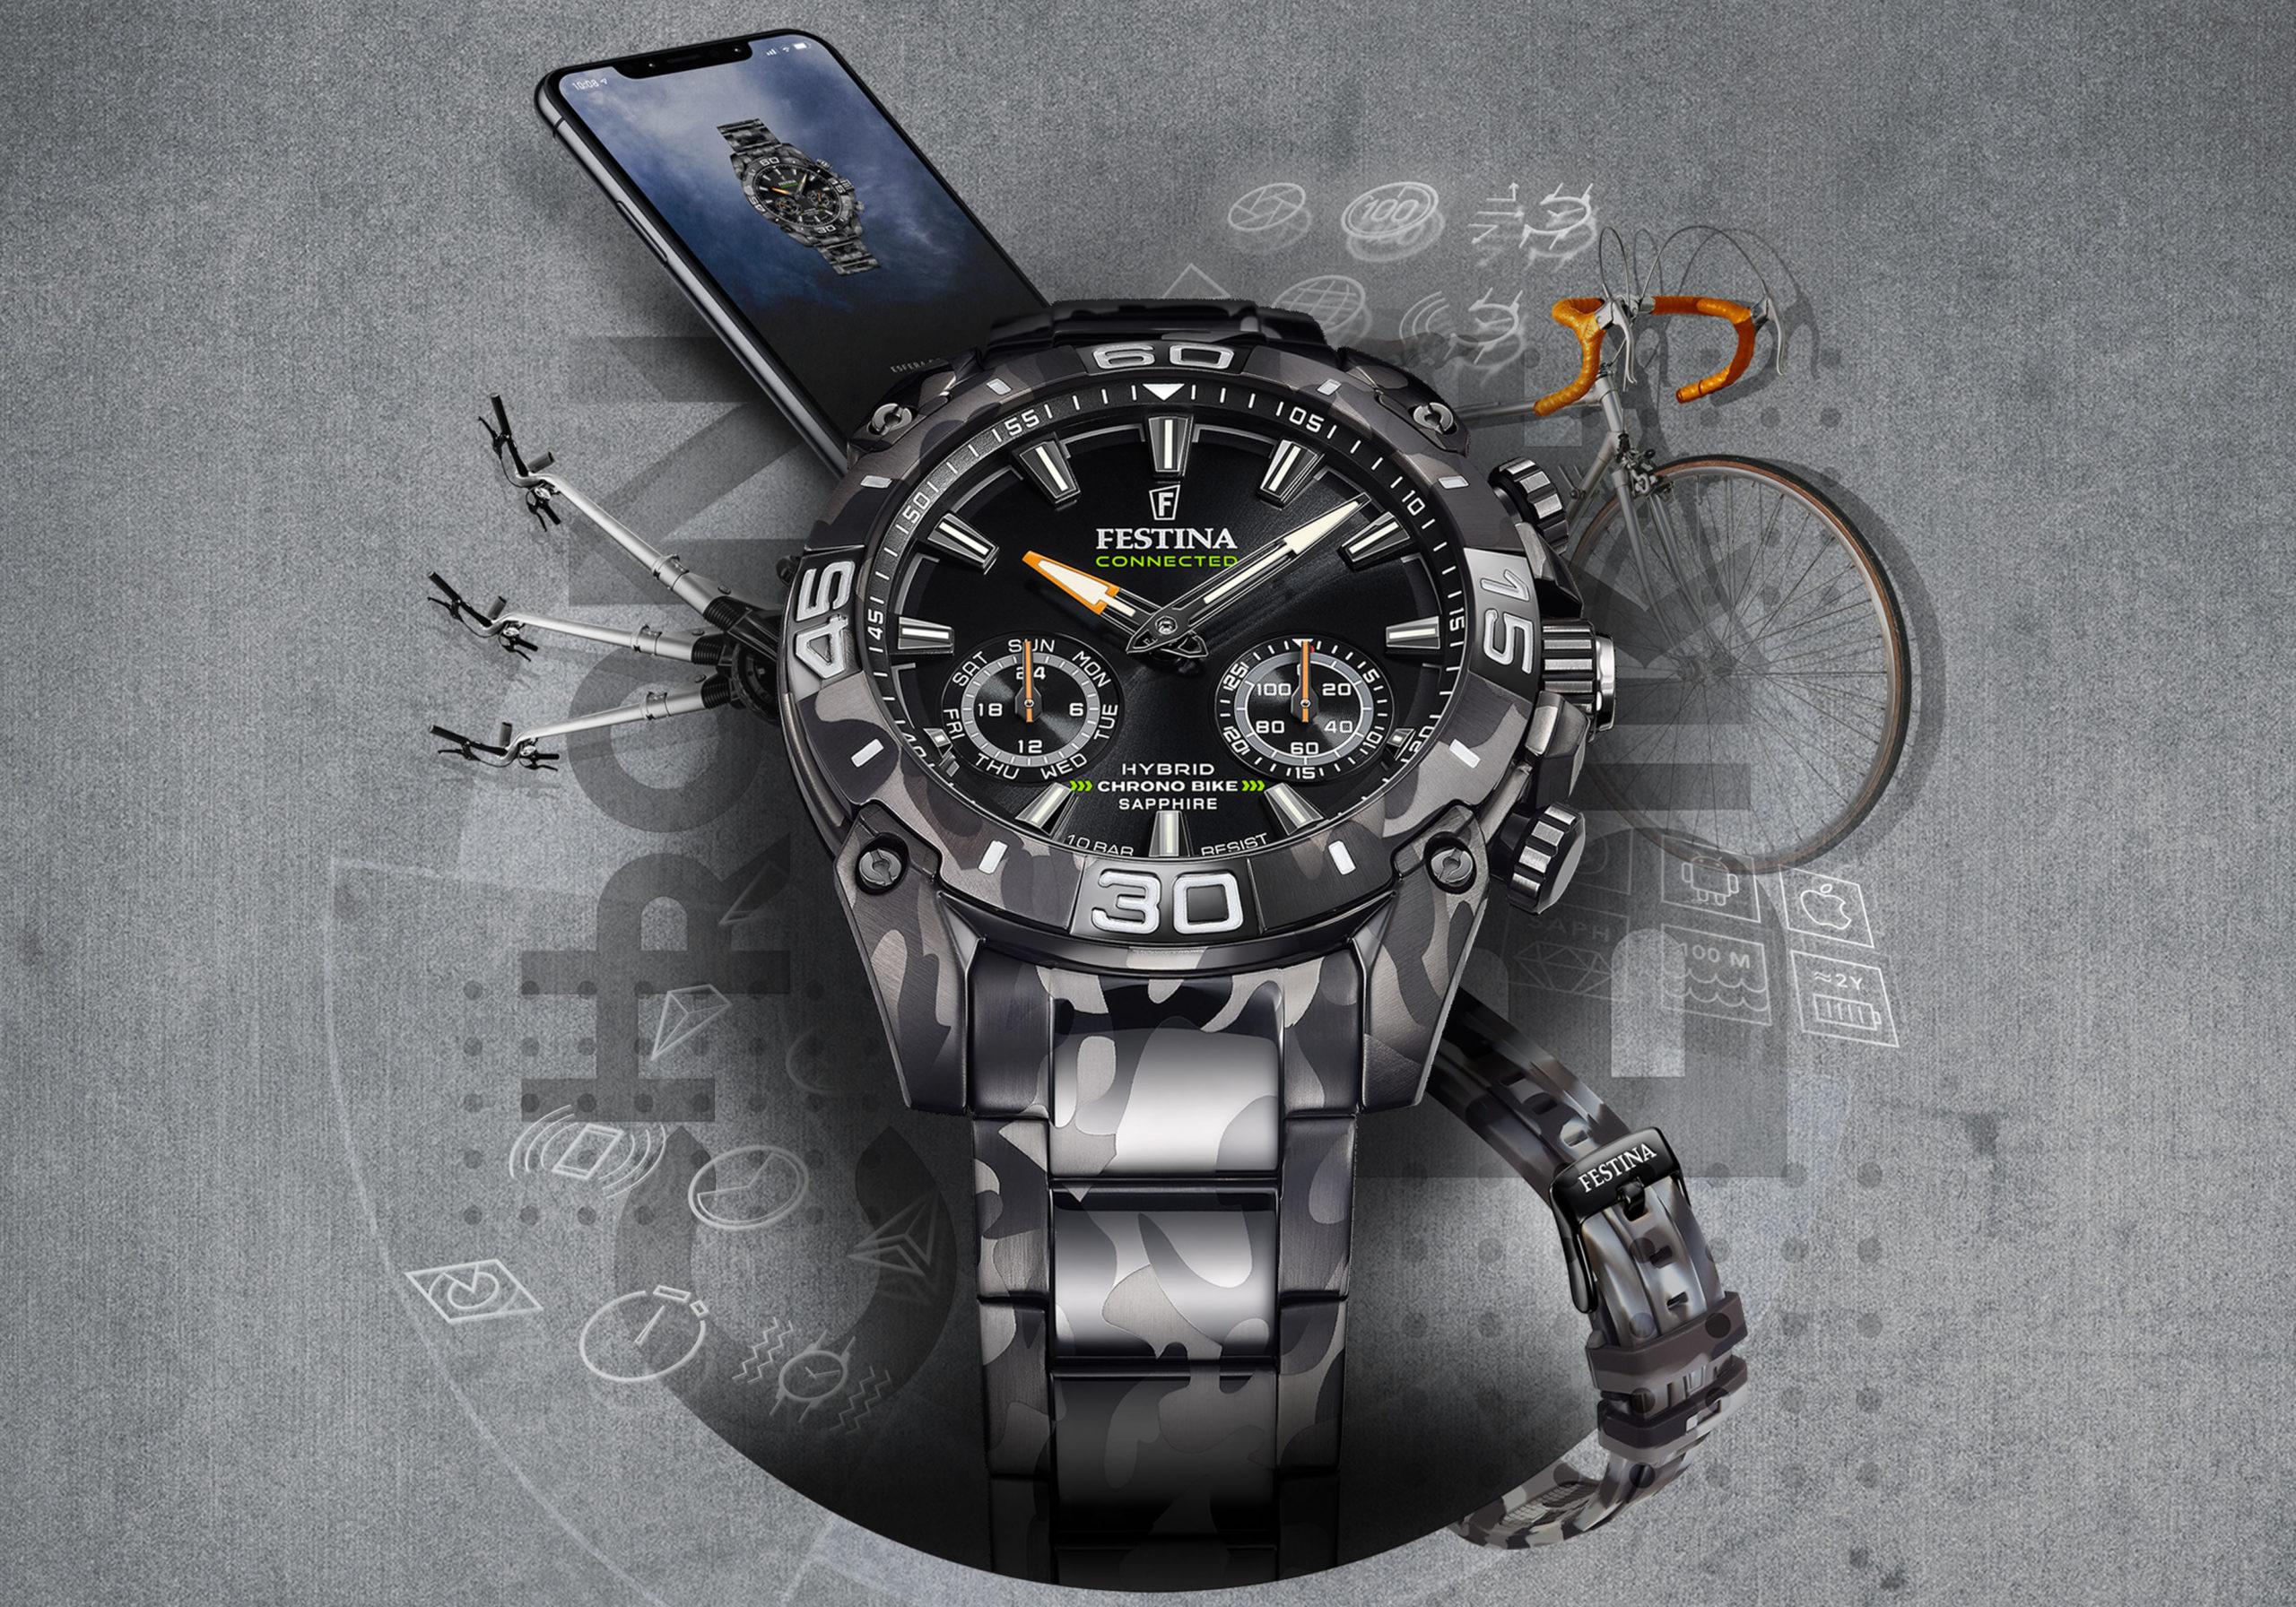 Keine gewöhnliche Smartwatch